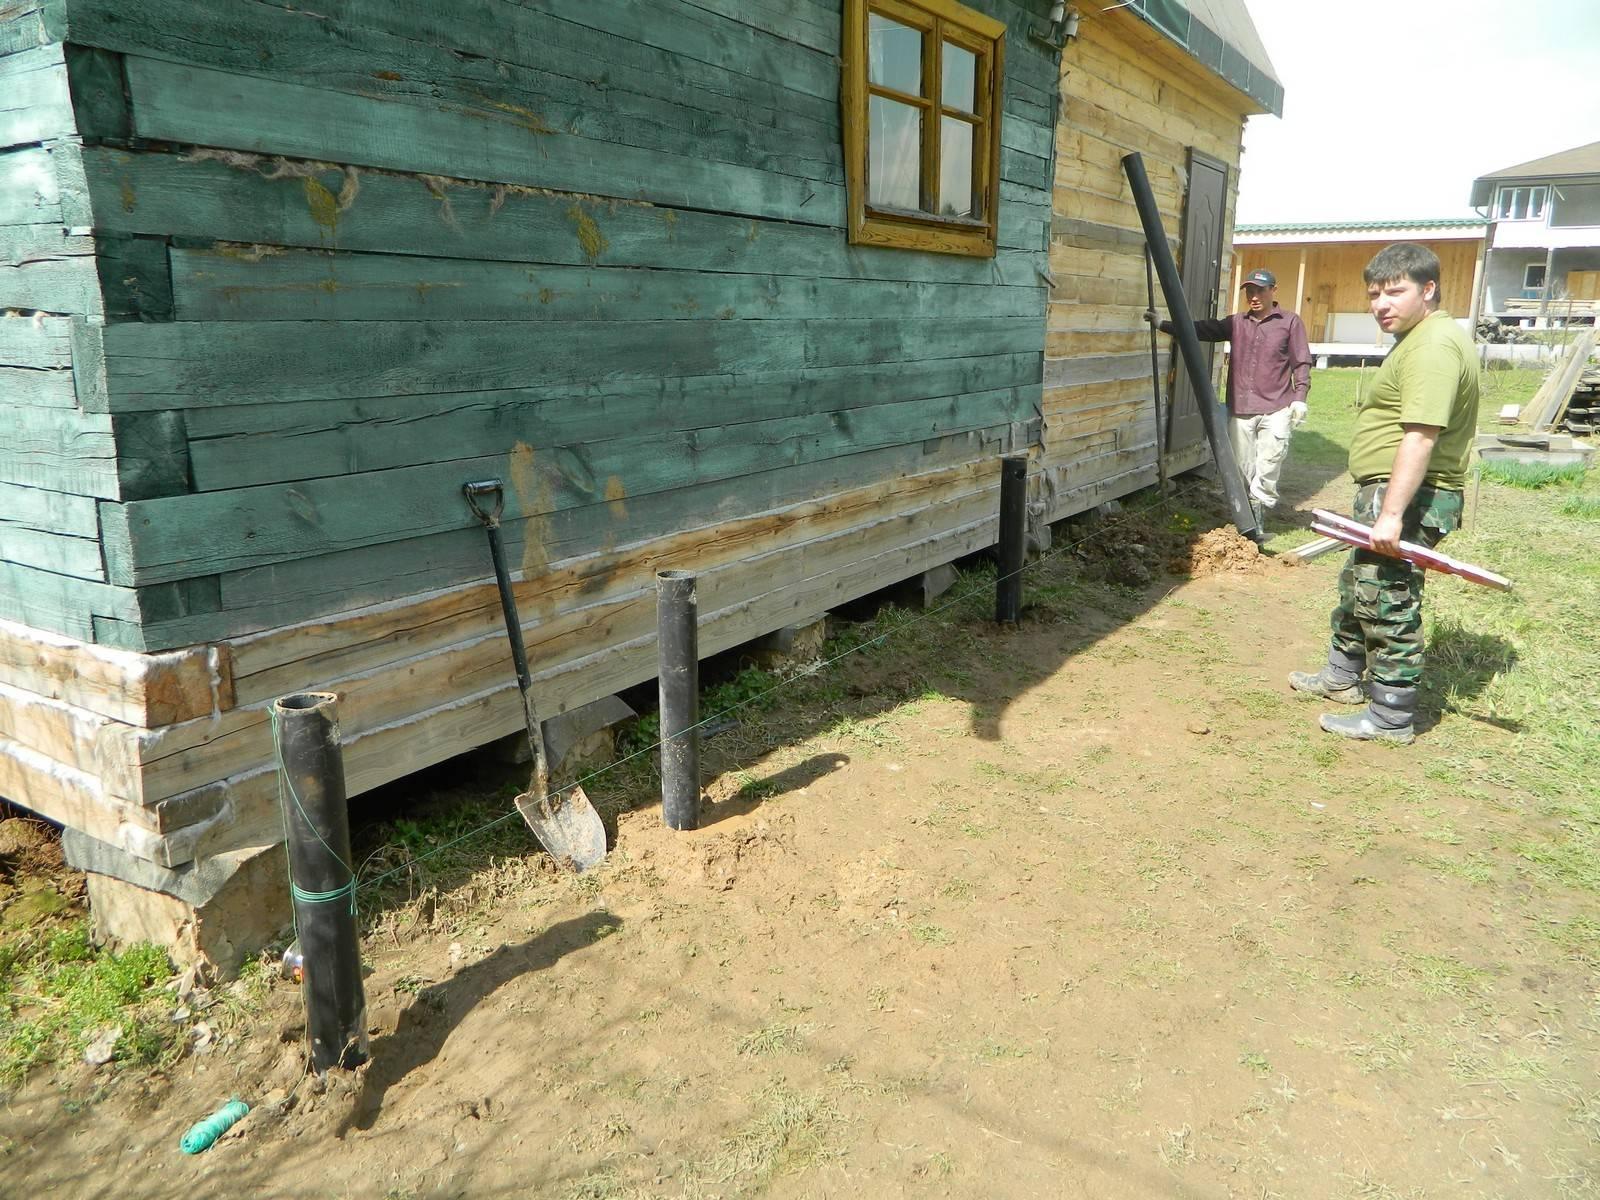 Поднять дом на фундамент: необходимые инструменты и материалы